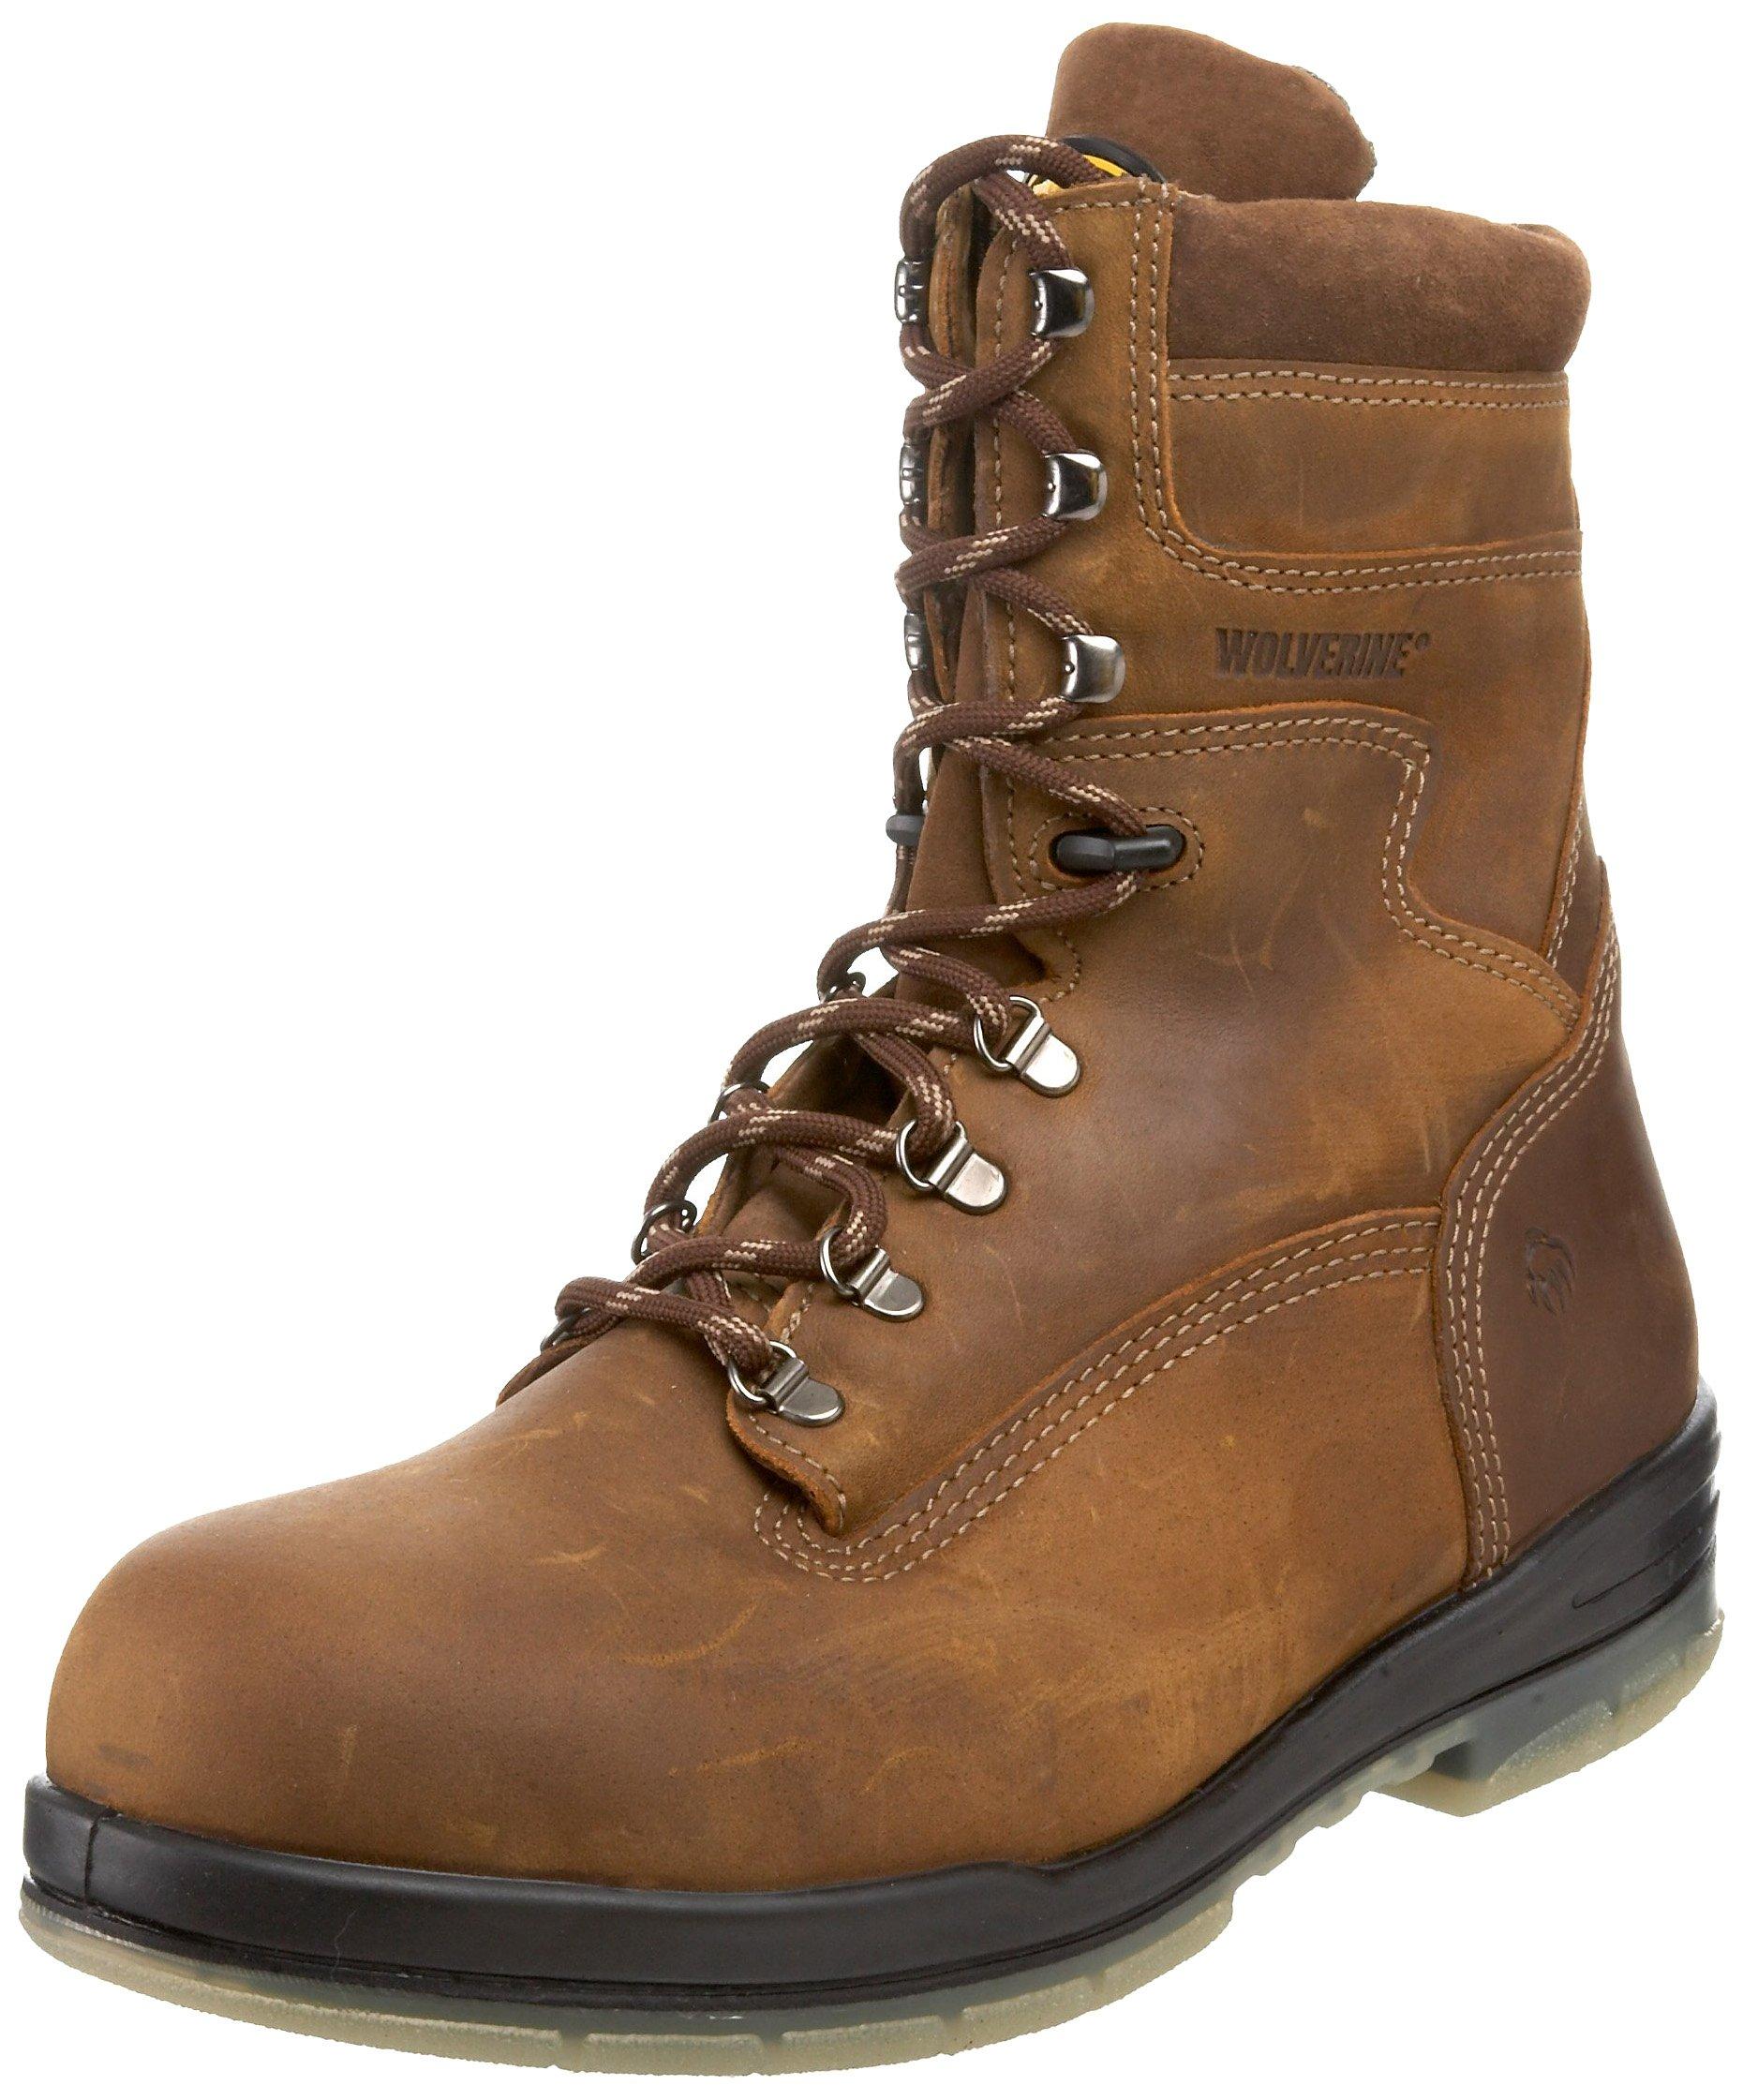 Wolverine Men's W03295 Durashock Boot, Stone, 14 M US